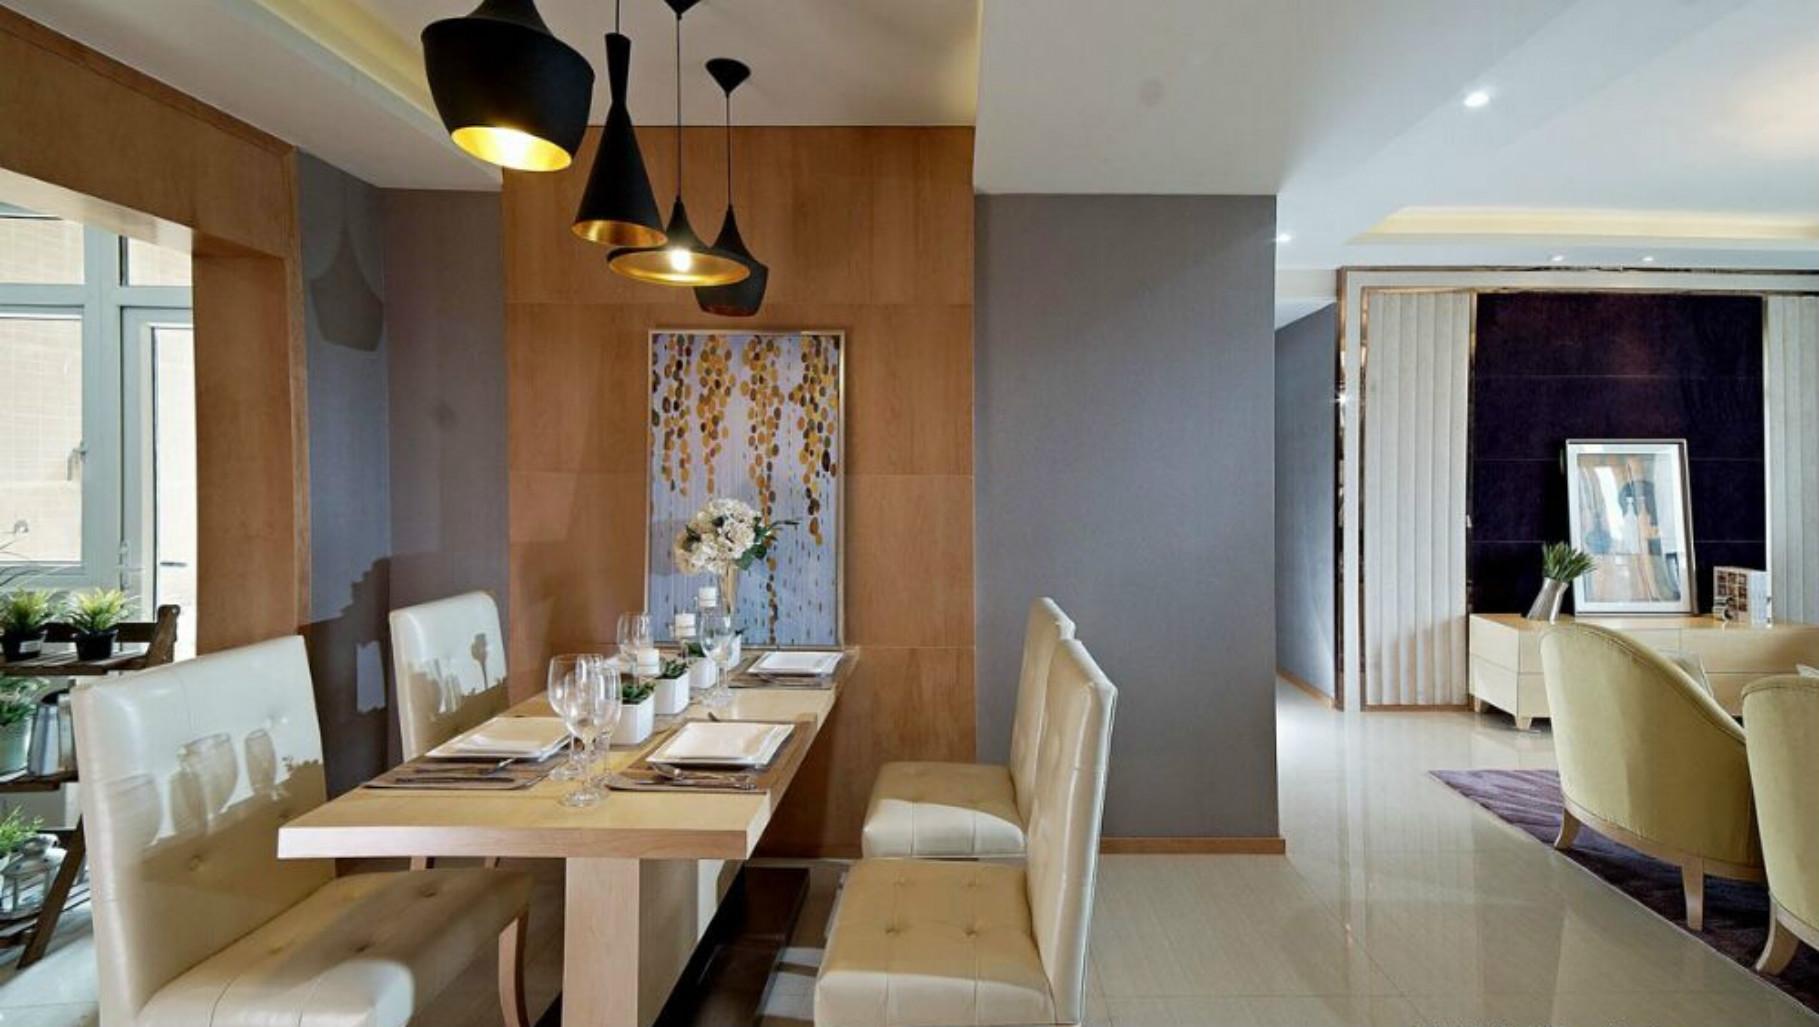 餐厅的装修利用了这个角落的位置,合理的放置了这个餐桌餐椅。